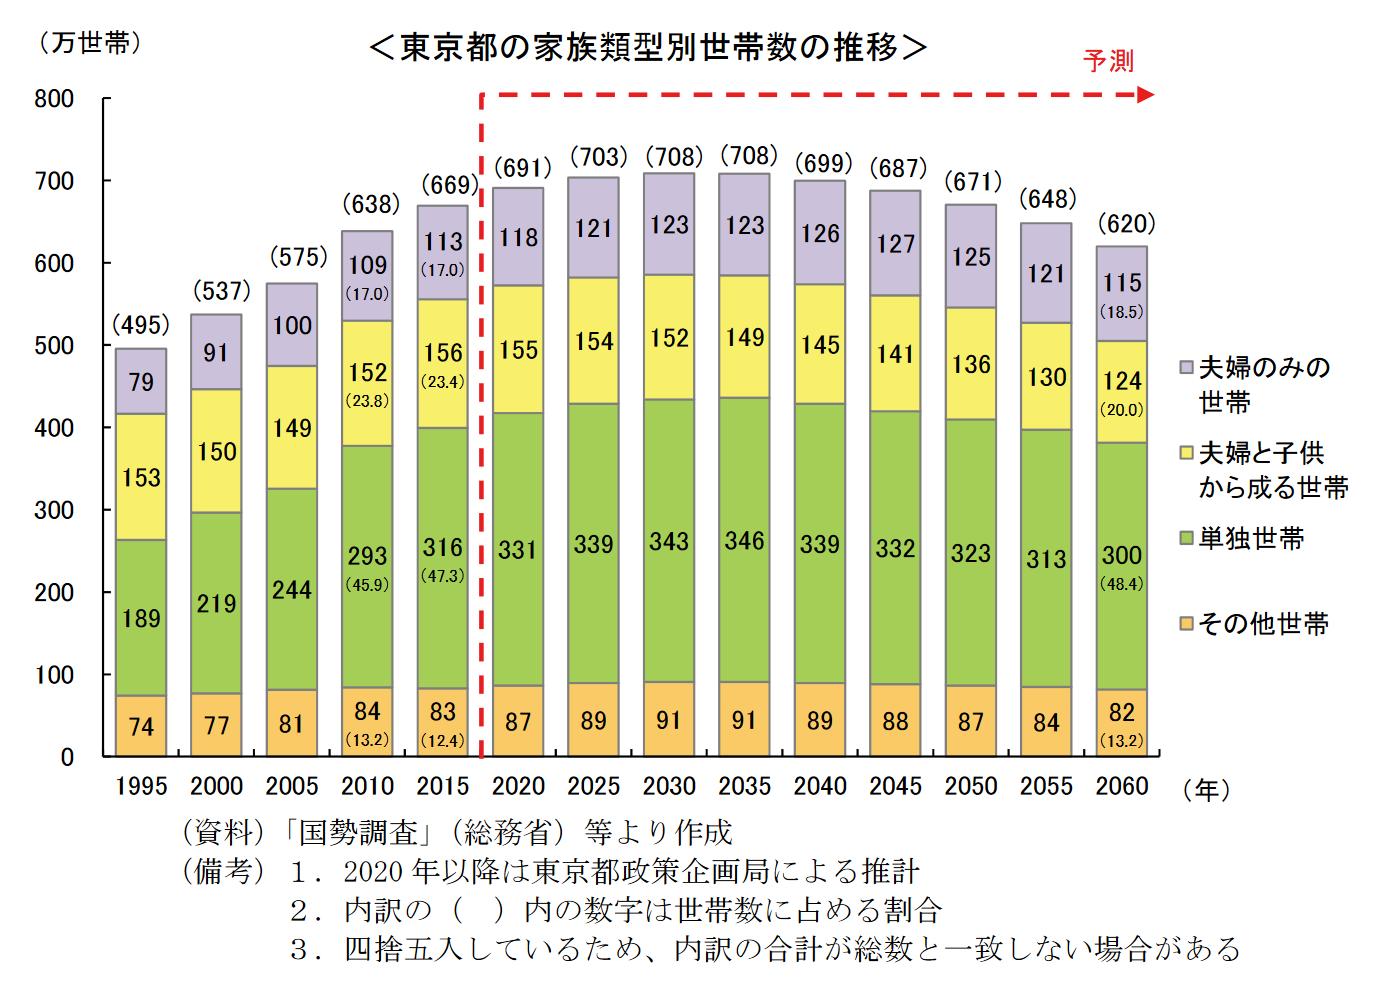 単身者とファミリー層の世帯数の推移